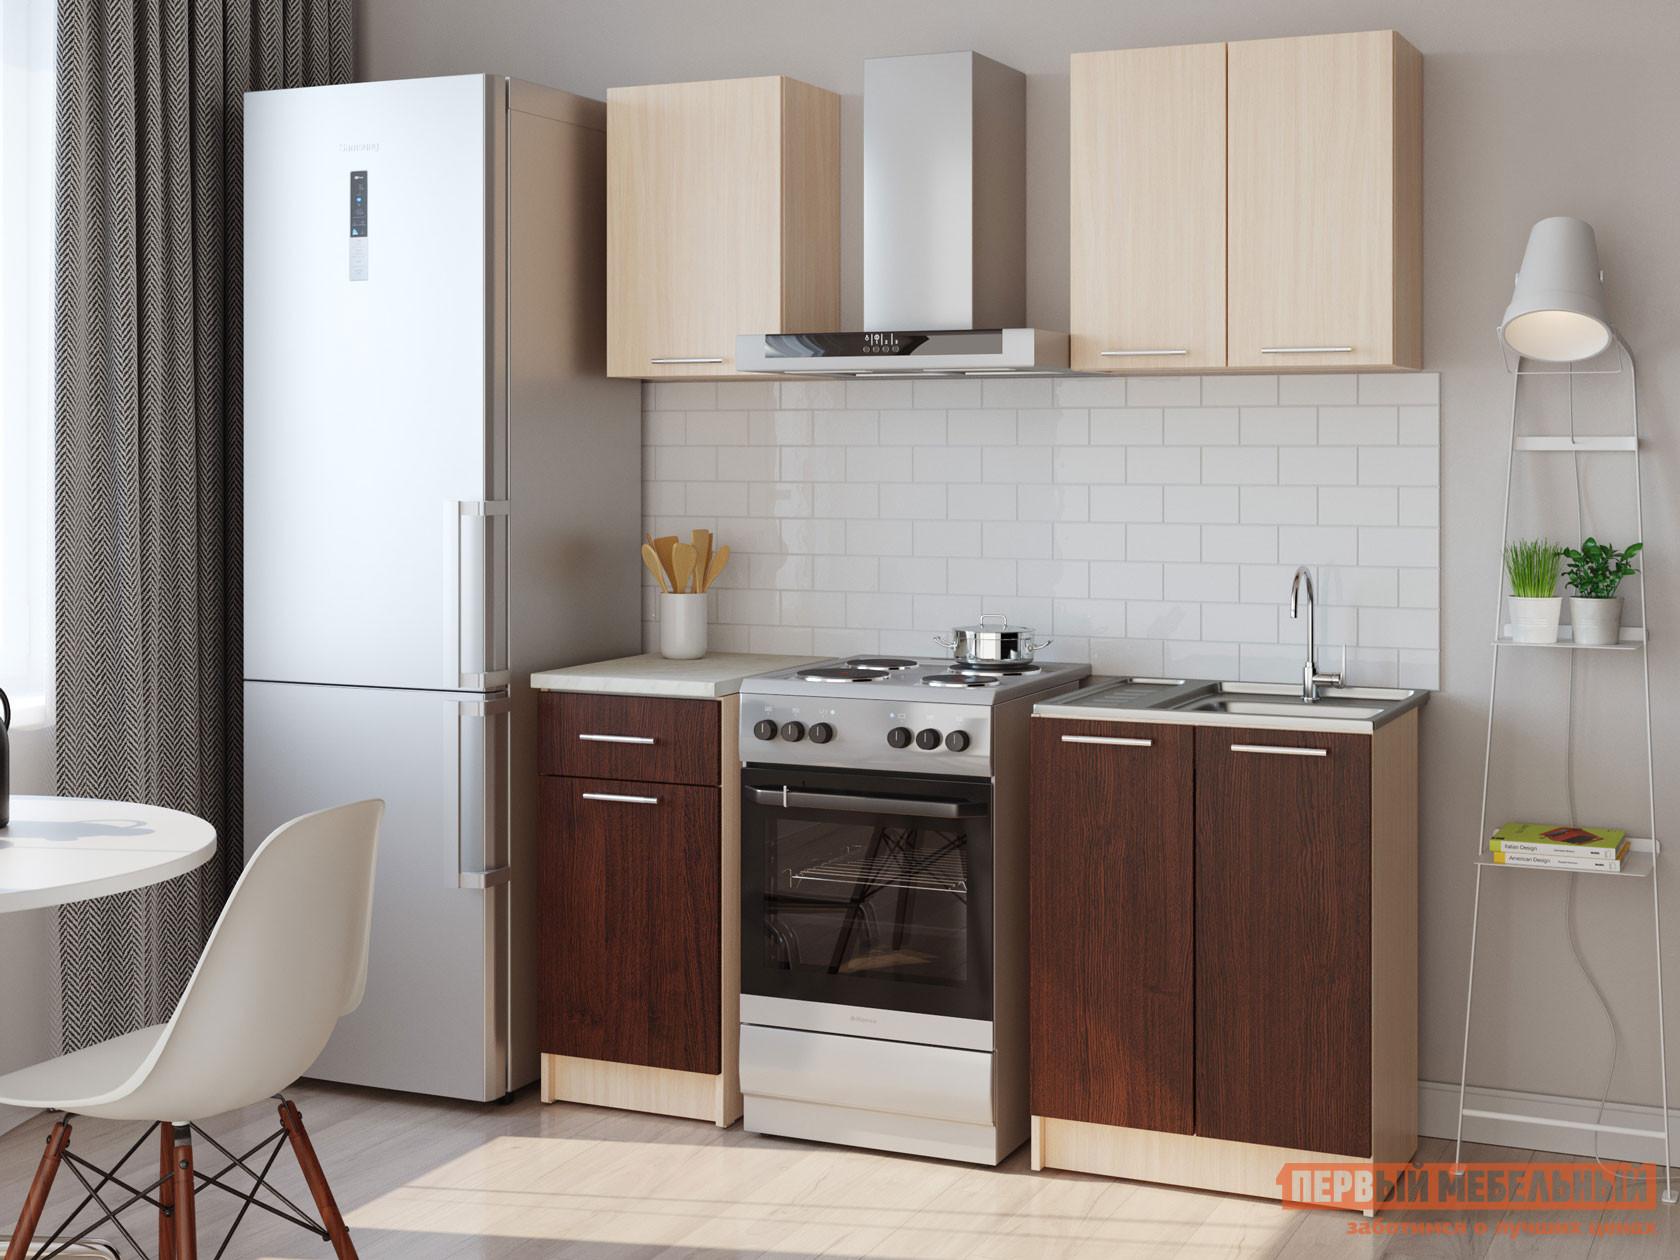 Кухонный гарнитур НК-Мебель Далари 100 см